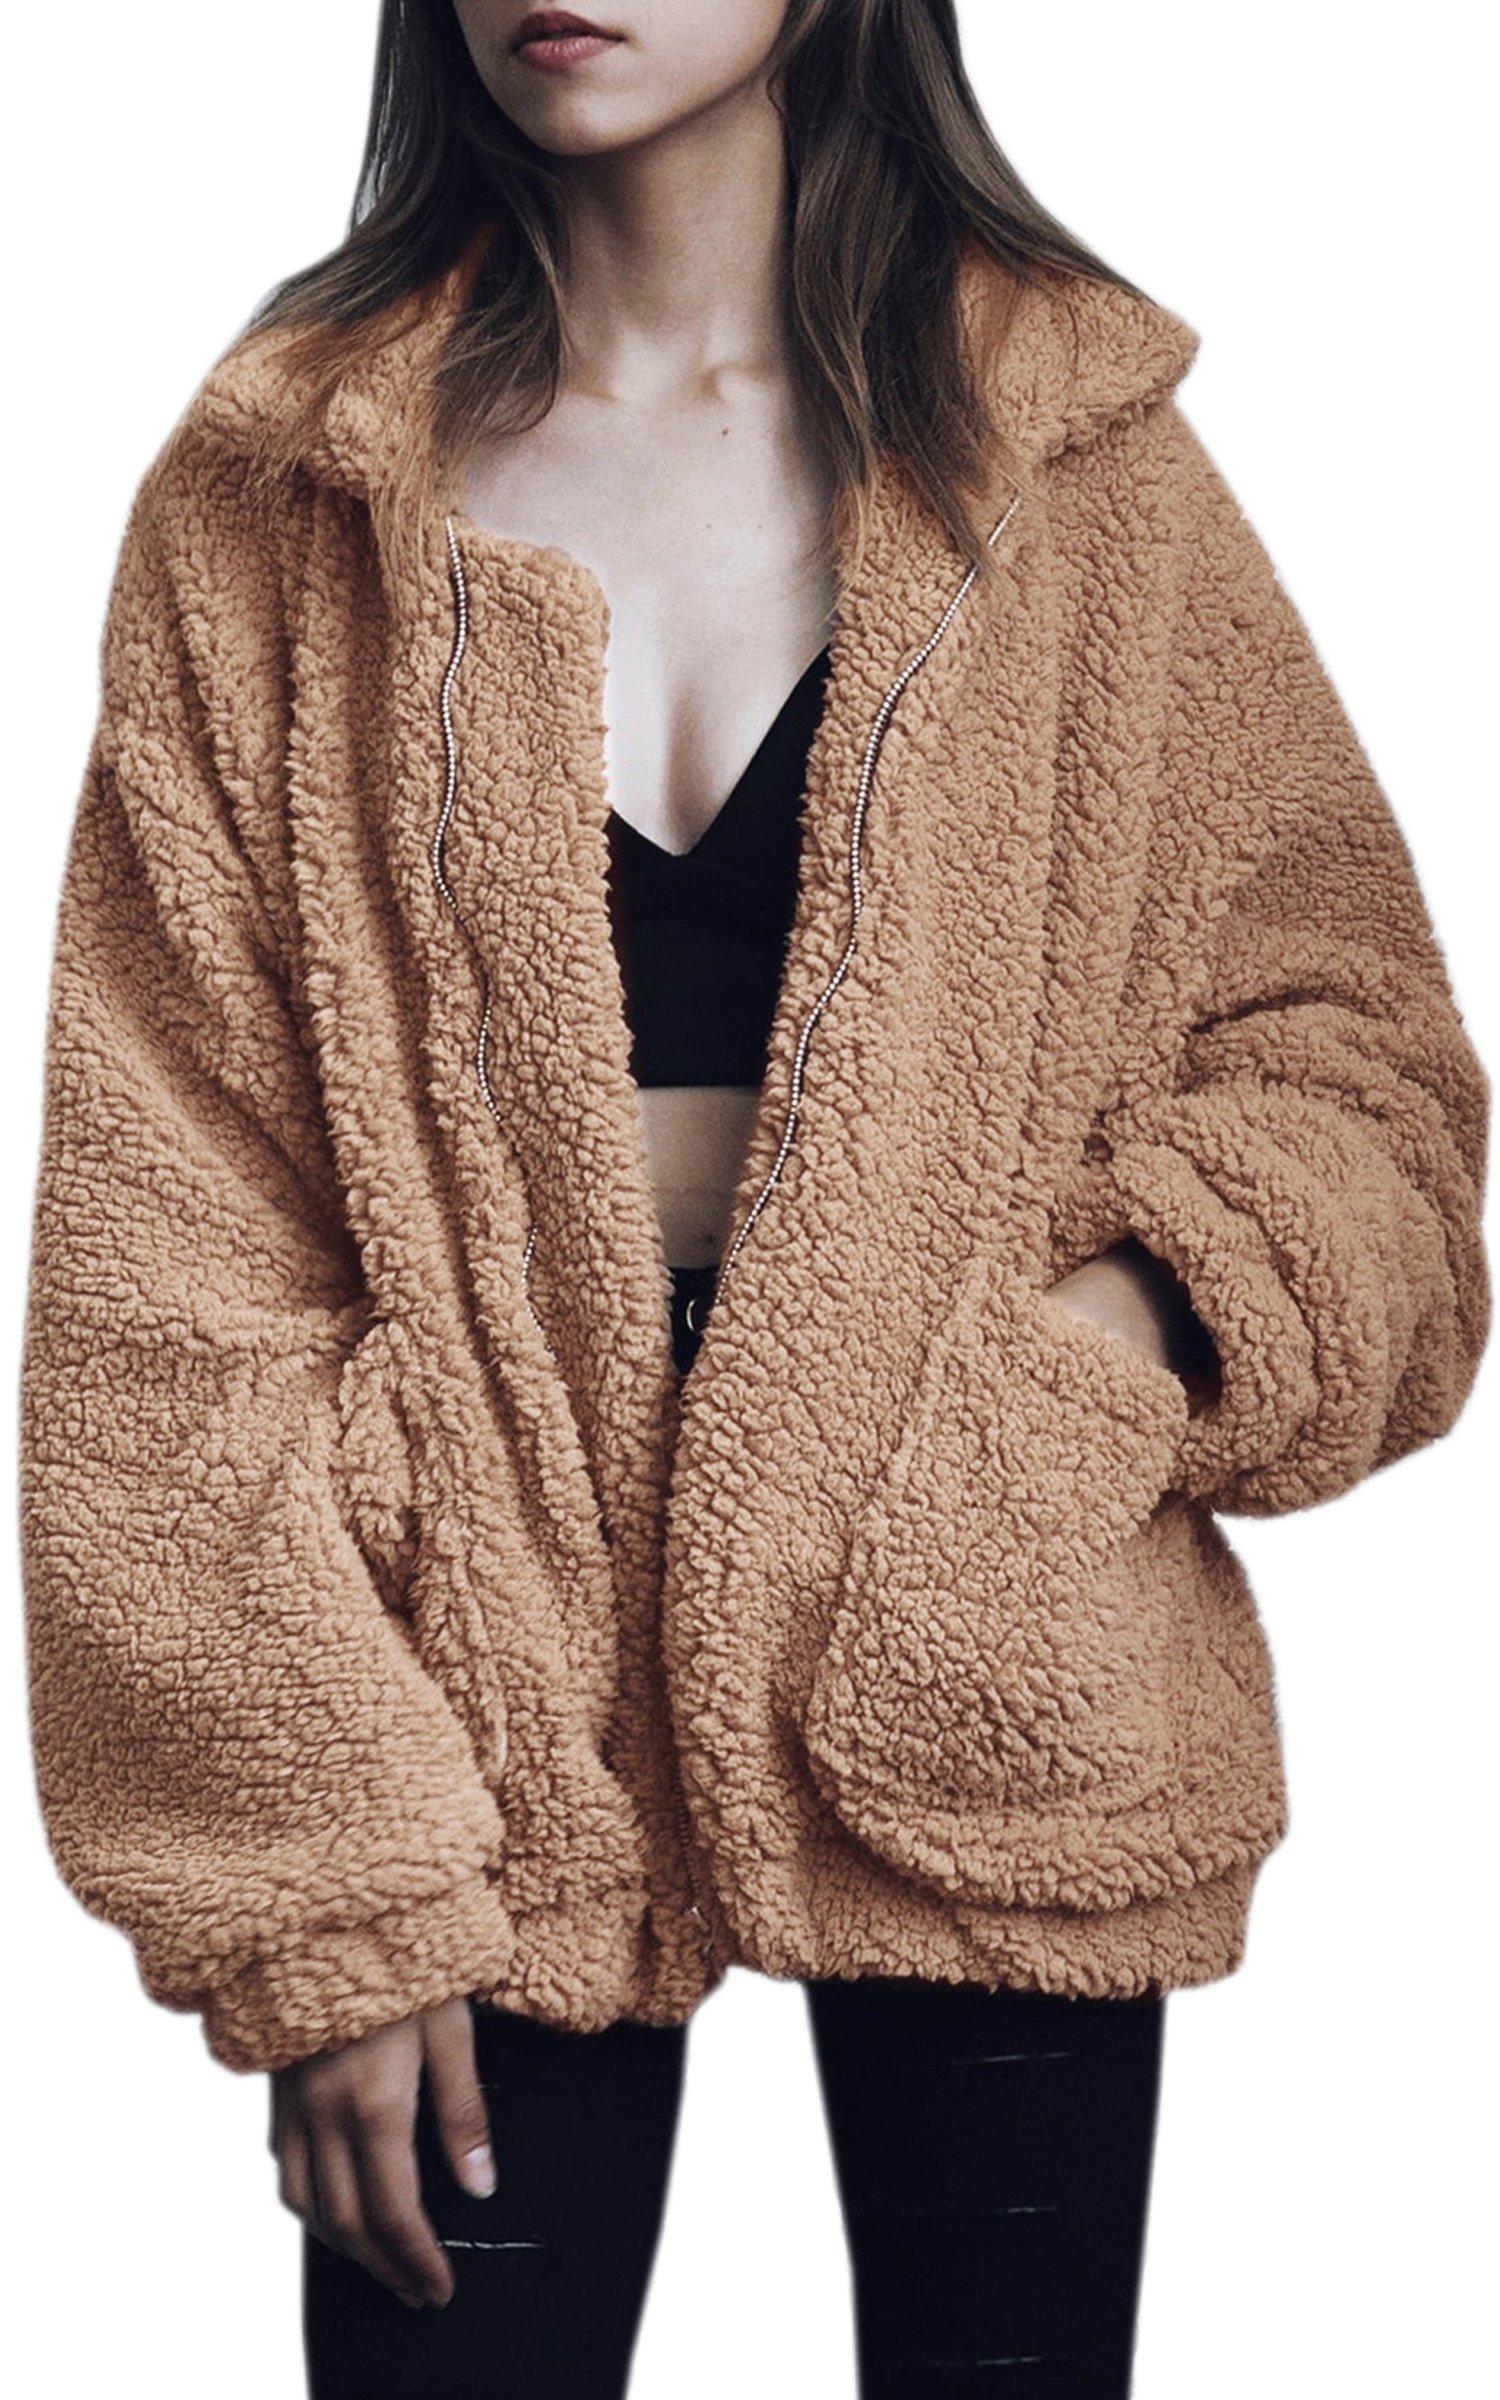 ECOWISH Women's Coat Casual Lapel Fleece Fuzzy Faux Shearling Zipper Warm Winter Oversized Outwear Jackets Camel M